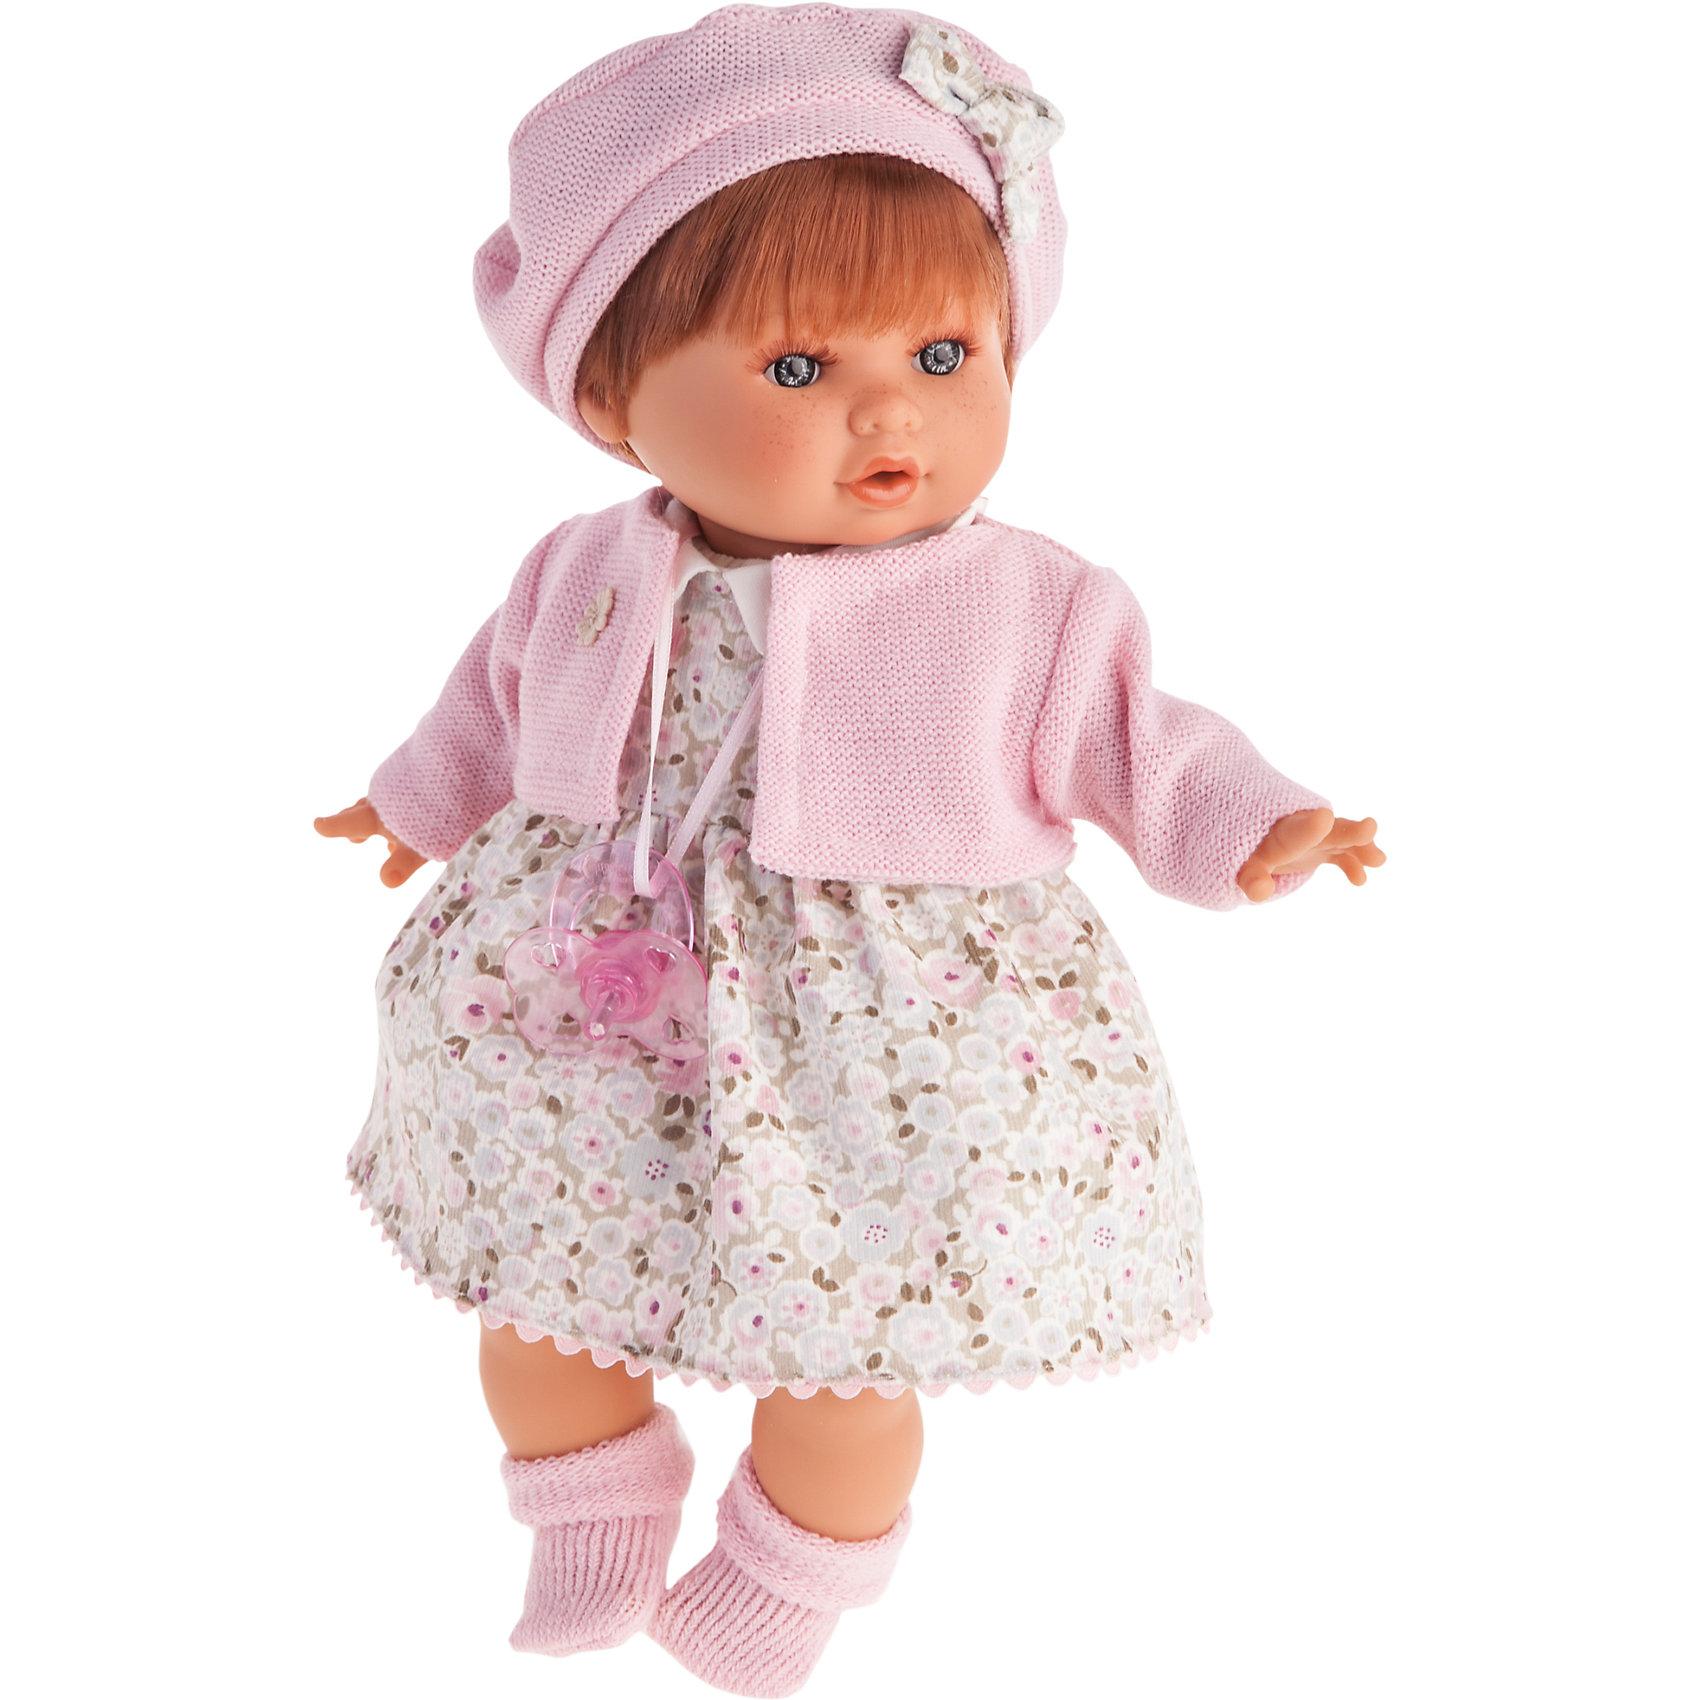 Кукла Кристиана в розовом, 30 см, Munecas Antonio JuanКлассические куклы<br>Кукла Кристиана в розовом, 30 см, JUAN ANTONIO munecas (Мунекас от Антонио Хуан) ? это очаровательная малышка от всемирно известного испанского бренда Мунекас от Антонио Хуан, который знаменит своими реалистичными куклами. Кукла изготовлена из винила высшего качества, ее тело ? мягконабивное, густые короткие волосы можно расчесывать. Ручки и ножки подвижны, глазки не закрываются. <br>Малышка Кристиана настолько очаровательна, что перед ней просто невозможно устоять! Настоящая блондинка с голубыми глазами, нежными чертами лица, розовыми щечками и пухленькими губками.  <br>Кукла Кристиана в розовом, 30 см, JUAN ANTONIO munecas (Мунекас от Антонио Хуан) разработана с учетом анатомических особенностей и мимики младенцев. Играя с Кристианой, ваш ребенок реалистично проживает роль «мамы», учится ухаживать за малышом, заботиться о нем.<br>В комплекте с куклой идет соска, если ее достать из ротика, то Кристиана начинает плакать. <br>Одежда куклы разработана современными европейскими дизайнерами: платье Кристианы в нежный цветочек с белым воротничком и розовой каймой по низу. Сверху на ней одет трикотажный жакет розового цвета, носочки и берет в тон к нему. Весь комплект одежды и его продуманные детали направлены на то, чтобы способствовать формированию чувства стиля и вкуса в одежде у вашей девочки.<br>Куклы JUAN ANTONIO munecas (Мунекас от Антонио Хуан) ? мечта девочки любого возраста!<br><br>Дополнительная информация:<br><br>- Вид игр: сюжетно-ролевые игры <br>- Дополнительные функции: плачет<br>- Материал: пластик, винил, текстиль<br>- Высота куклы: 30 см<br>- Вес: 7 кг 870 г<br>- Батарейки: 3 шт. АА<br>- Особенности ухода: одежда ? ручная стирка, саму куклу мыть не рекомендуется <br><br>Подробнее:<br><br>• Для детей в возрасте: от 3 лет и до 6 лет<br>• Страна производитель: Испания<br>• Торговый бренд: JUAN ANTONIO munecas <br><br>Куклу Кристиану в розовом, 30 см, JUAN ANTONIO munecas (Мунекас о